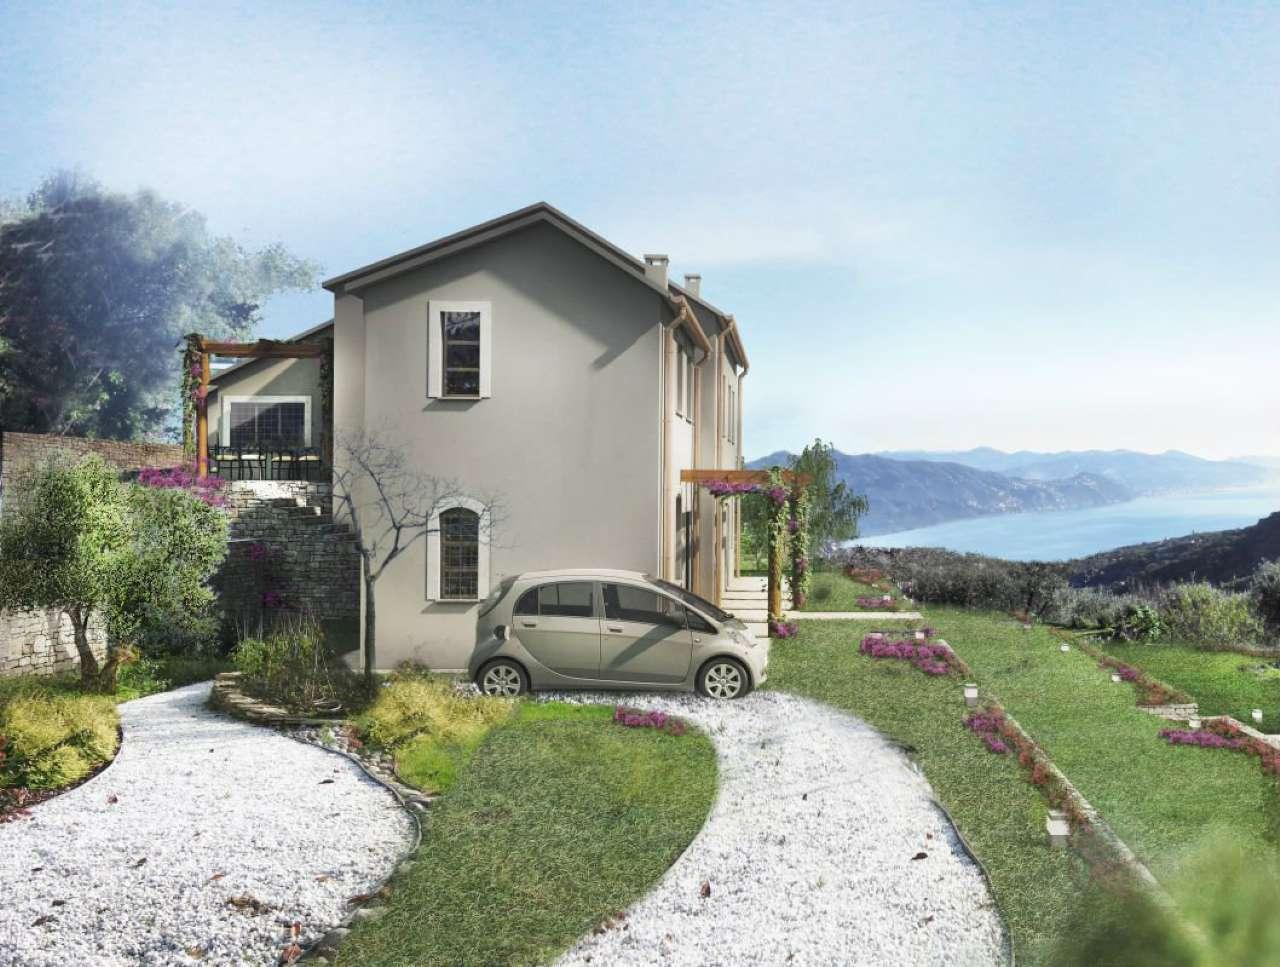 Soluzione Indipendente in vendita a Santa Margherita Ligure, 5 locali, prezzo € 750.000 | Cambio Casa.it